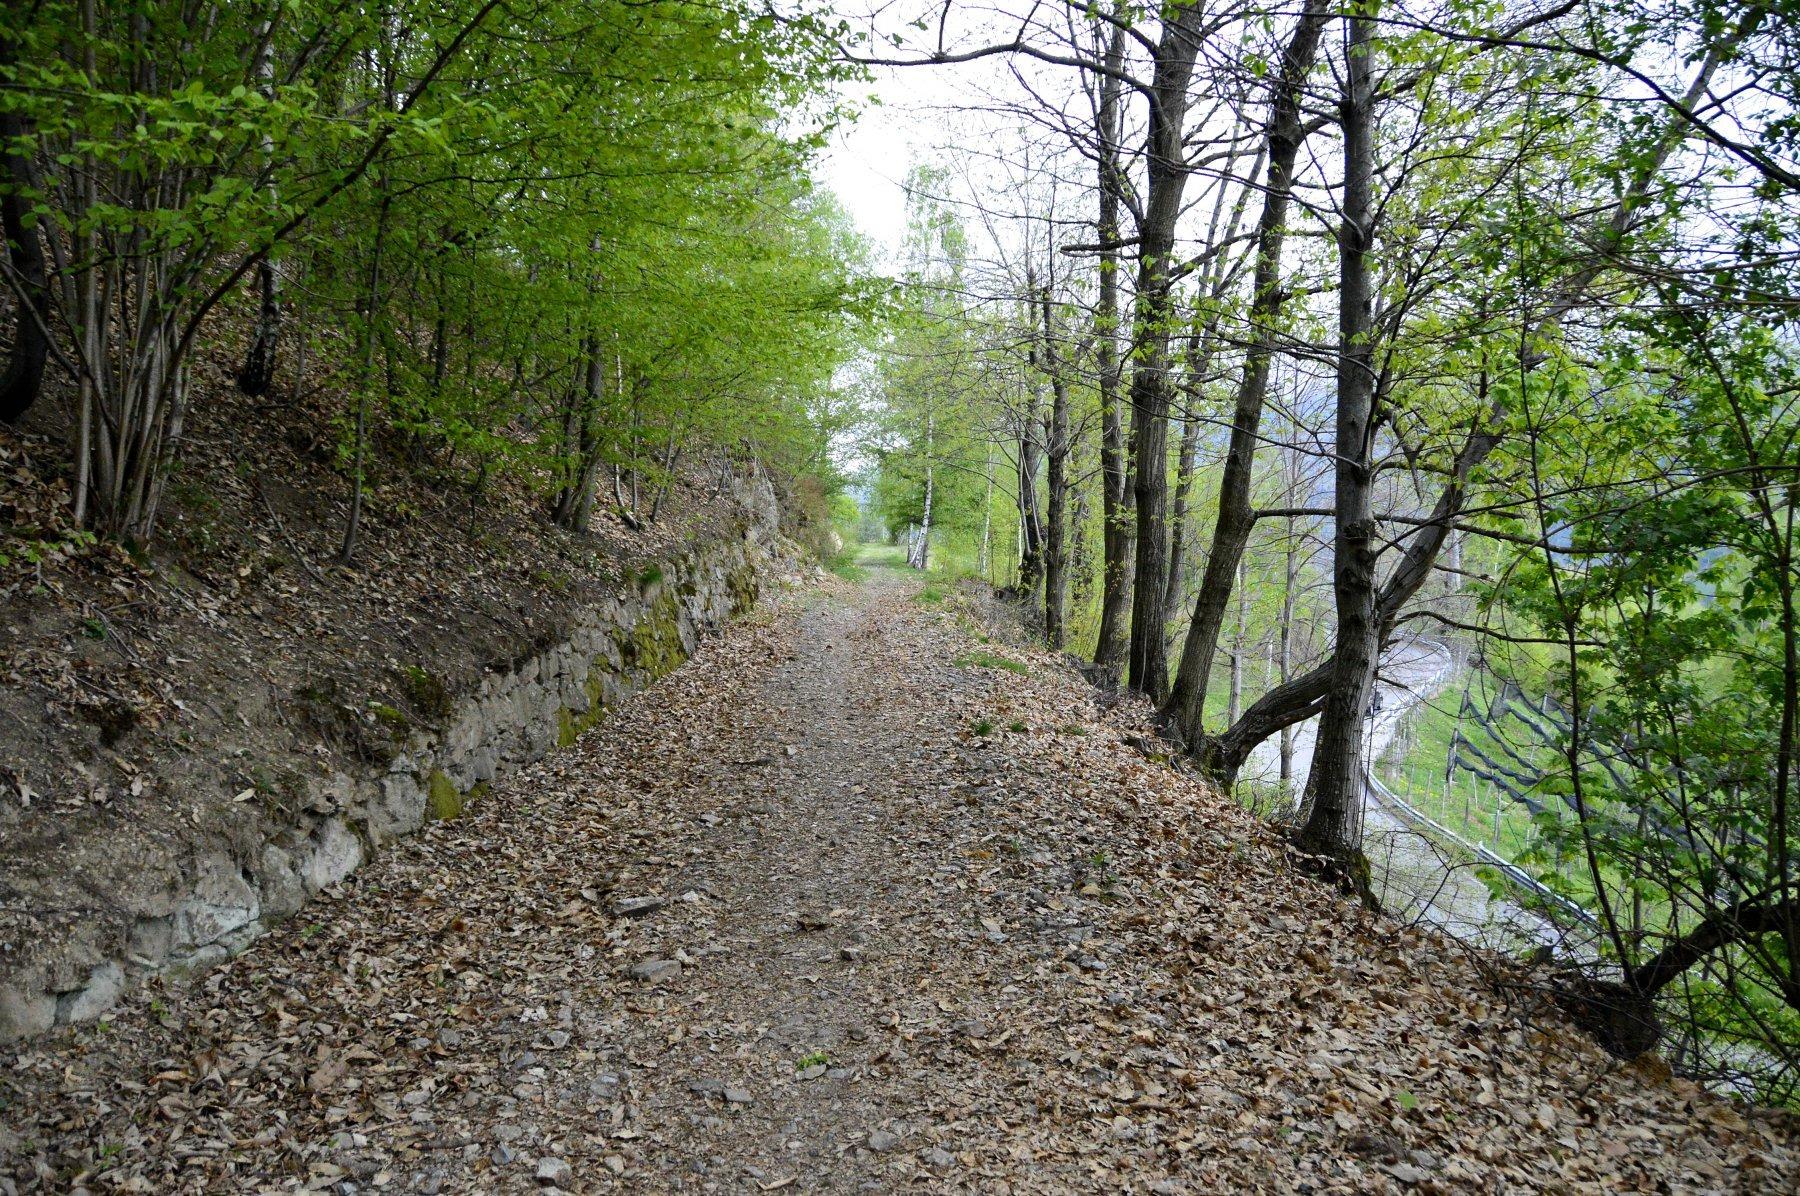 oropa-santuario-di-da-favaro-per-la-tramvia11bc-1622222187.jpeg